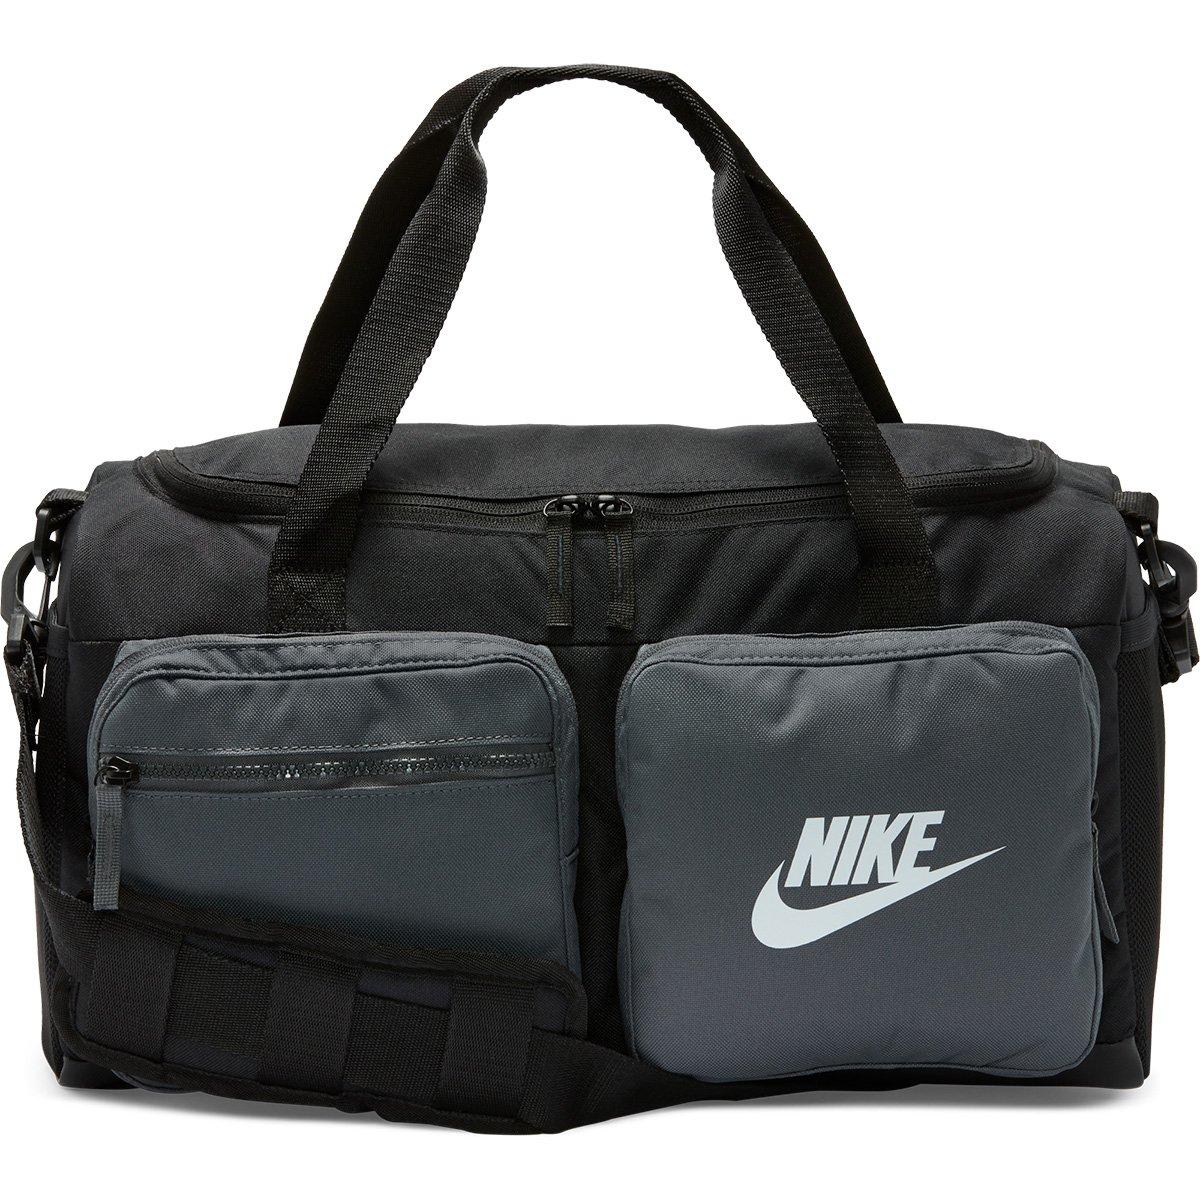 Bolsa Nike Future Pro Duff 30L - Preto e Grafite